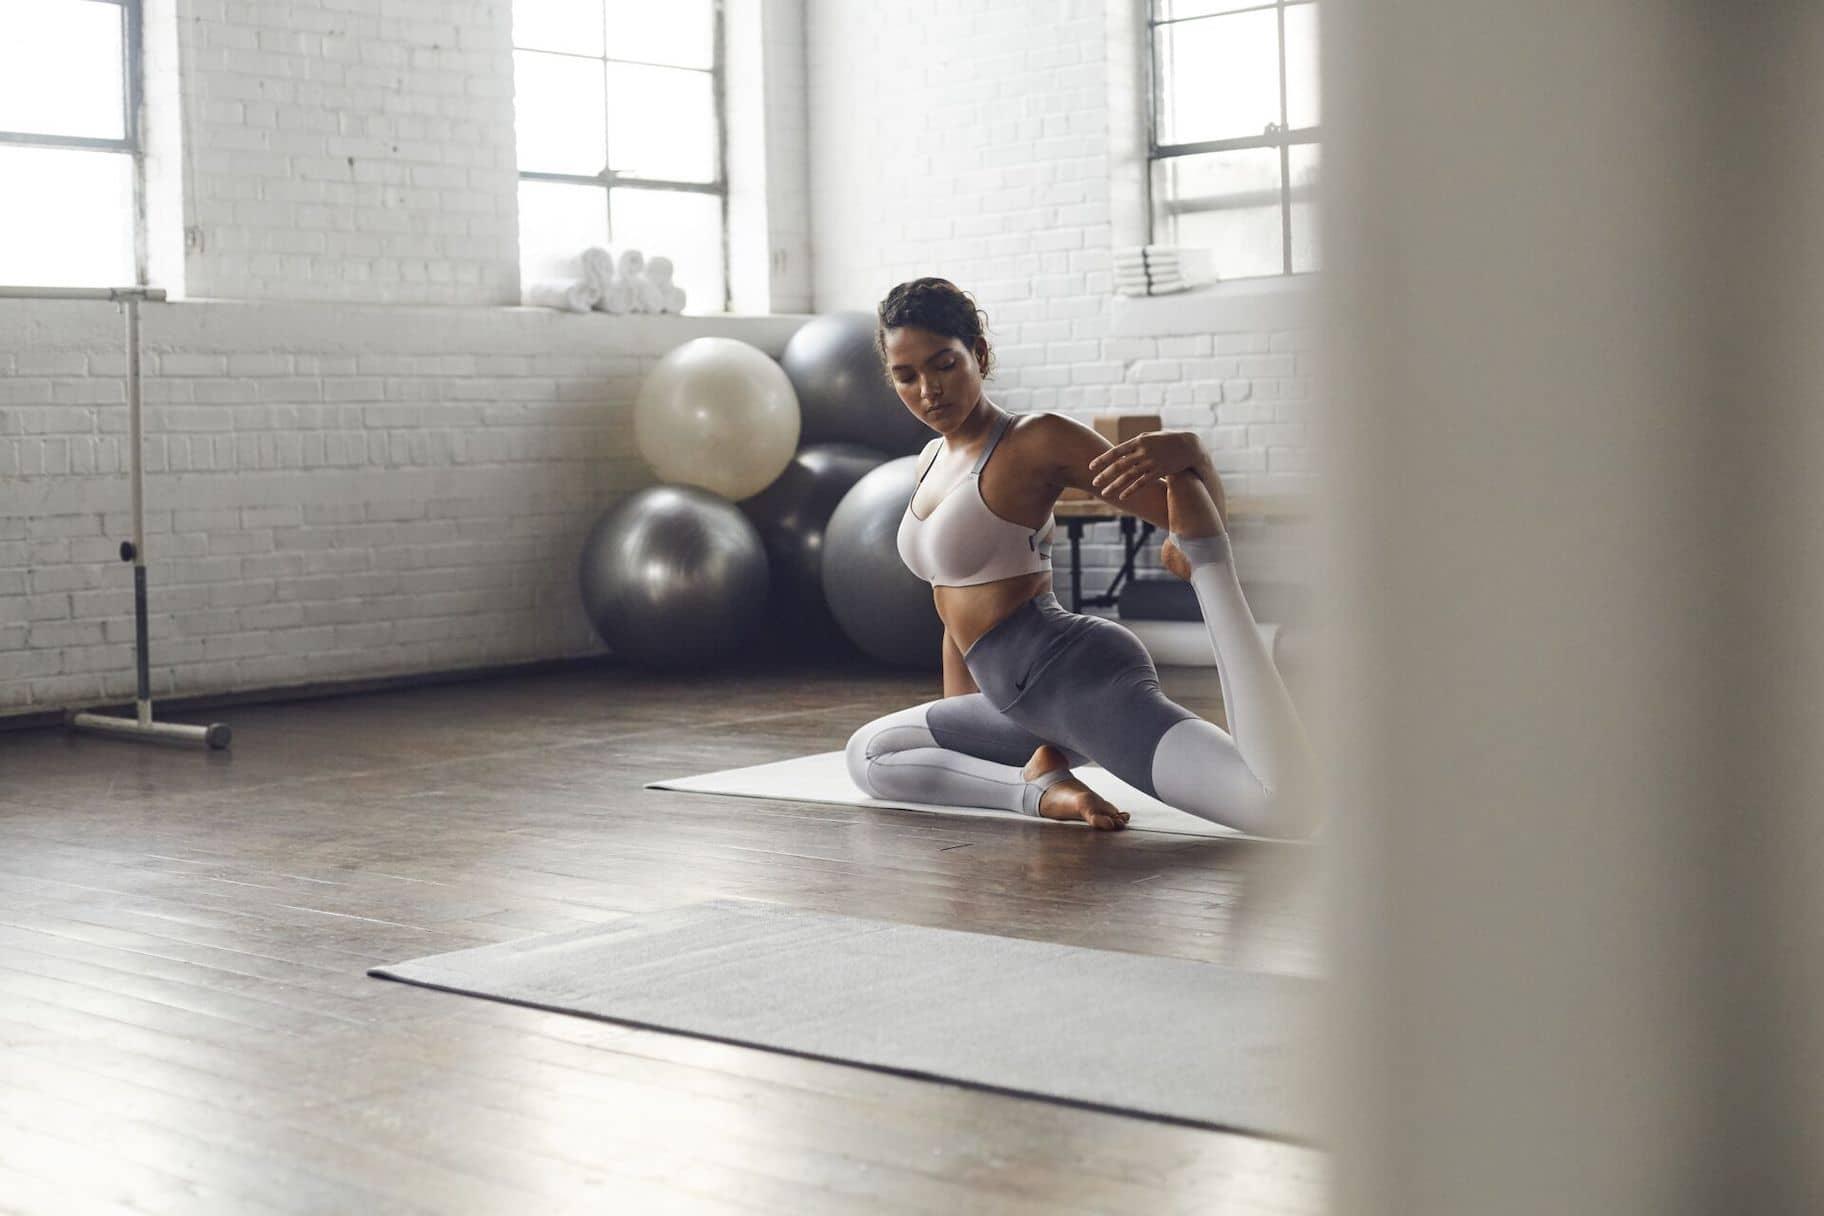 Kleding kiezen voor hot yoga: tips om fris en comfortabel te blijven